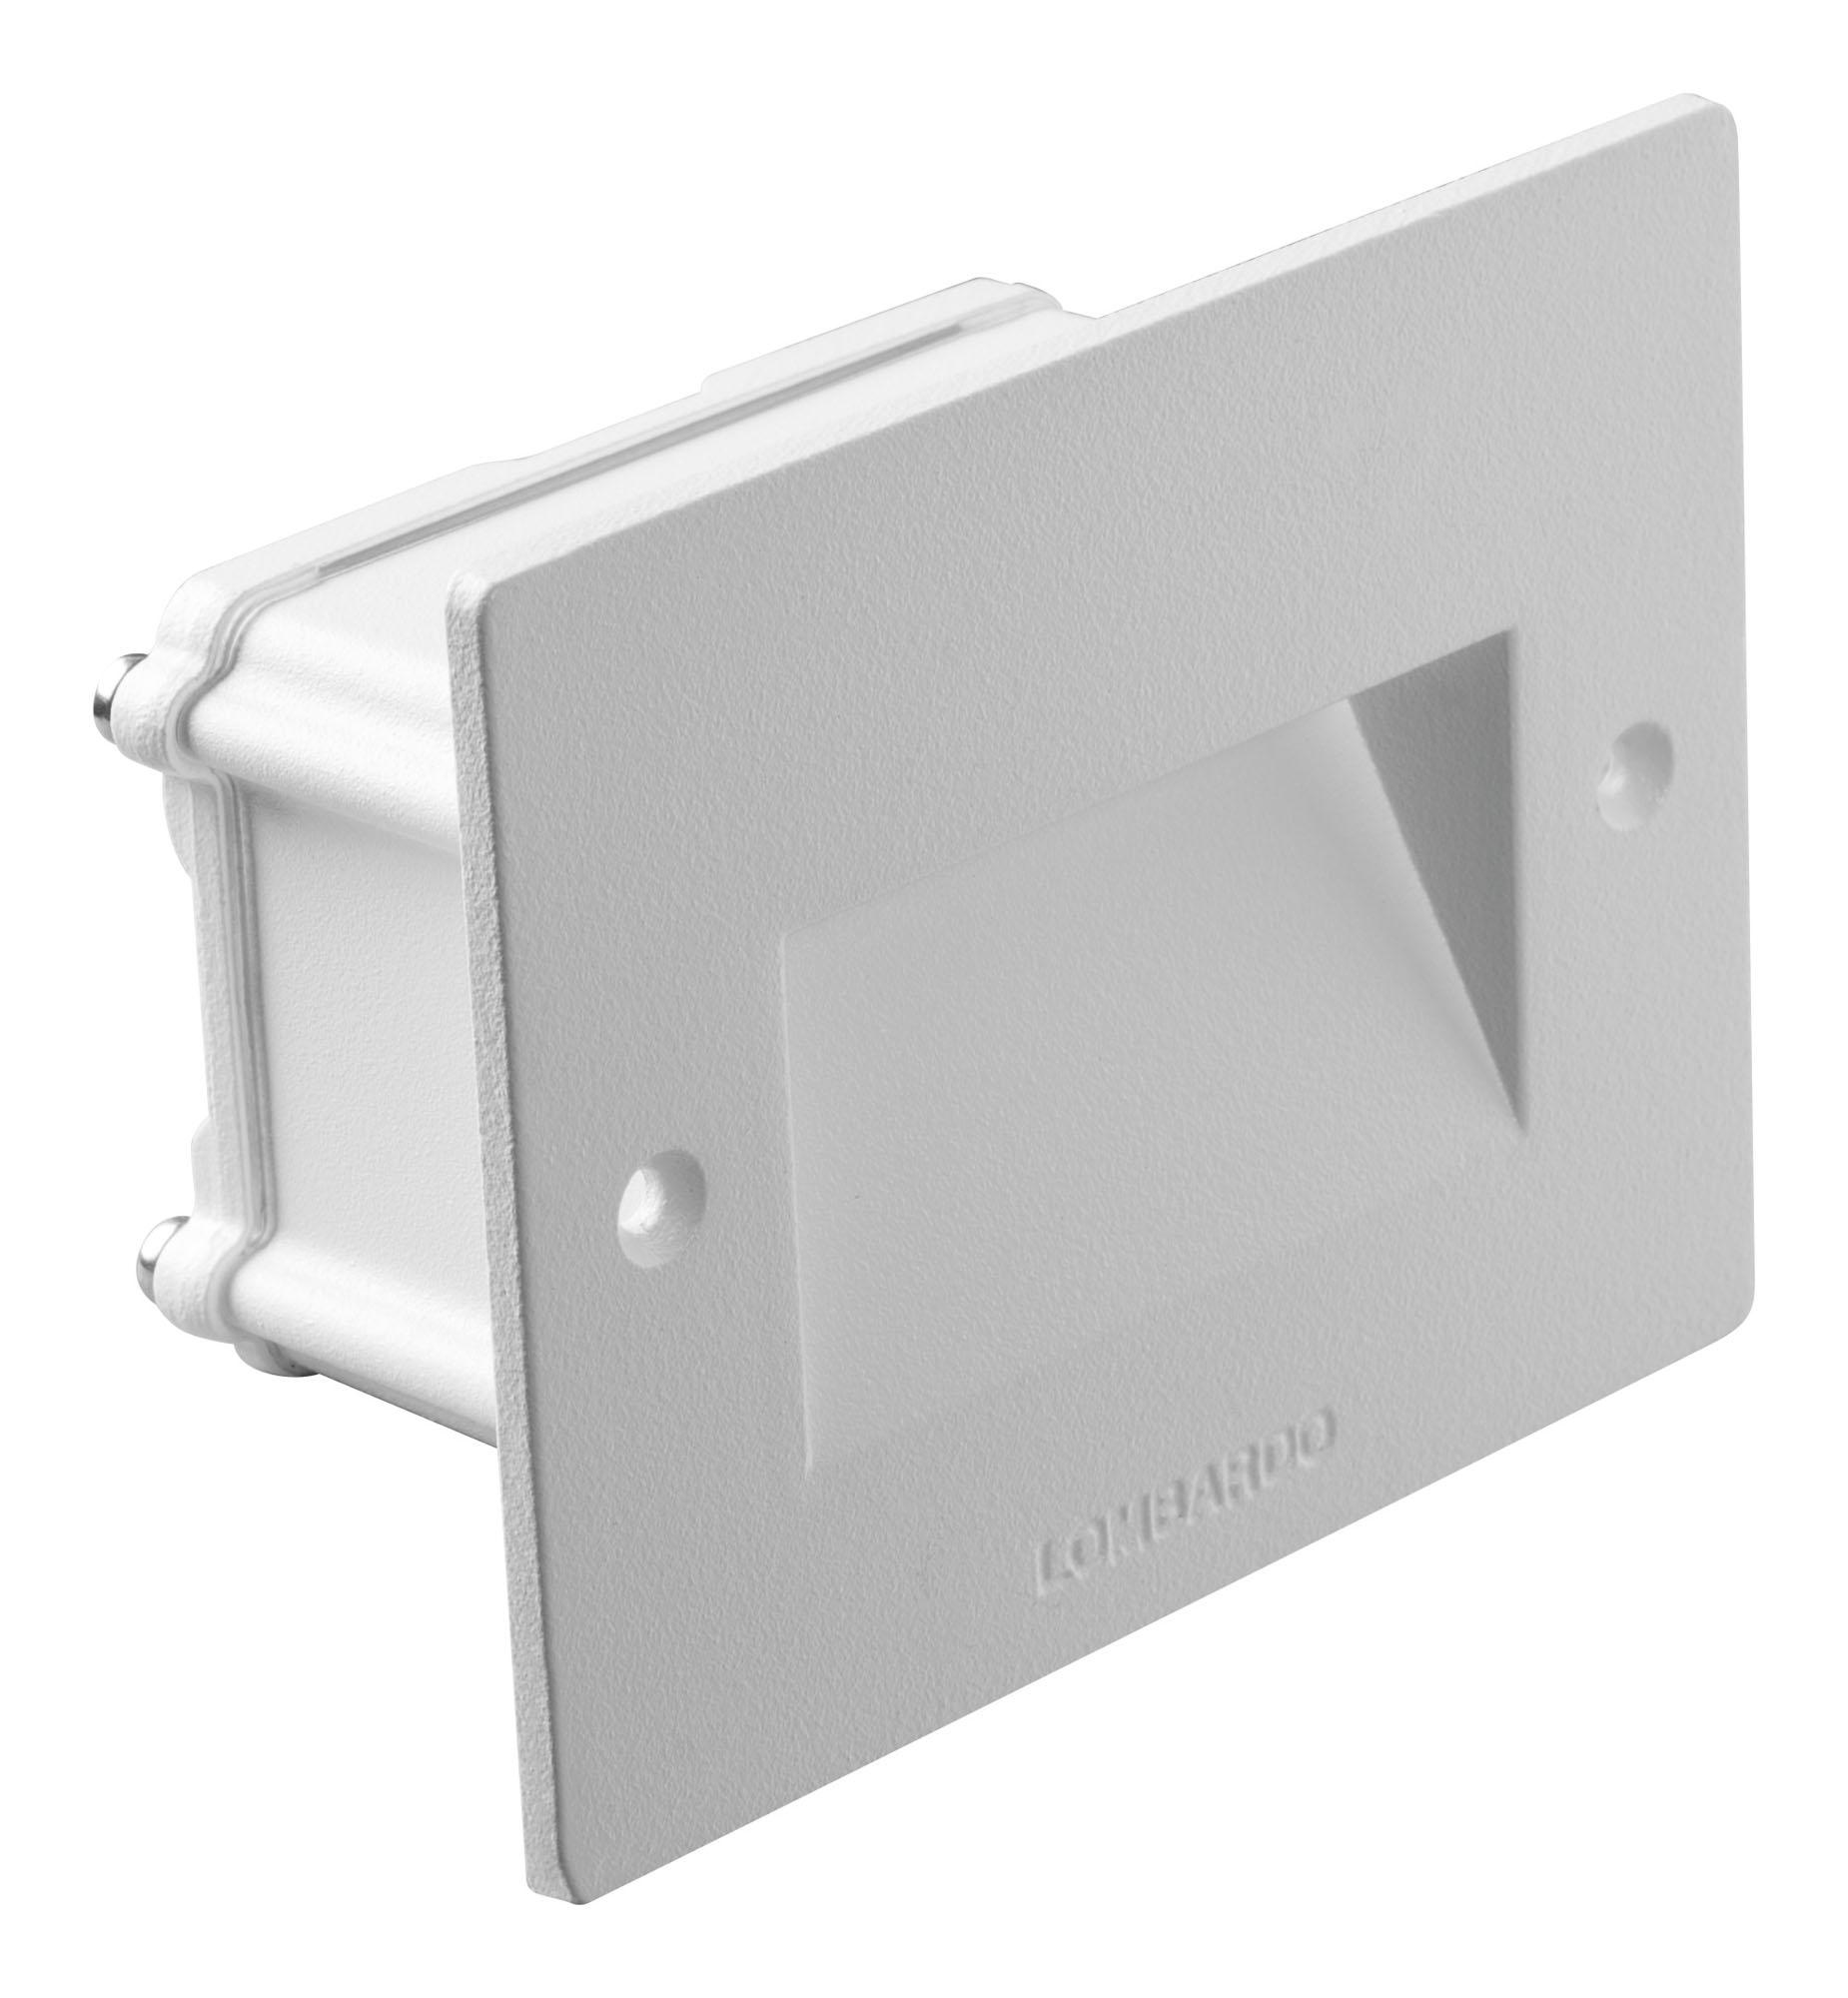 Välisvalgusti FIX 503, LED 3,5W 225lm 3000K, alumiinium, valge (pildil halli värvi valgusti)